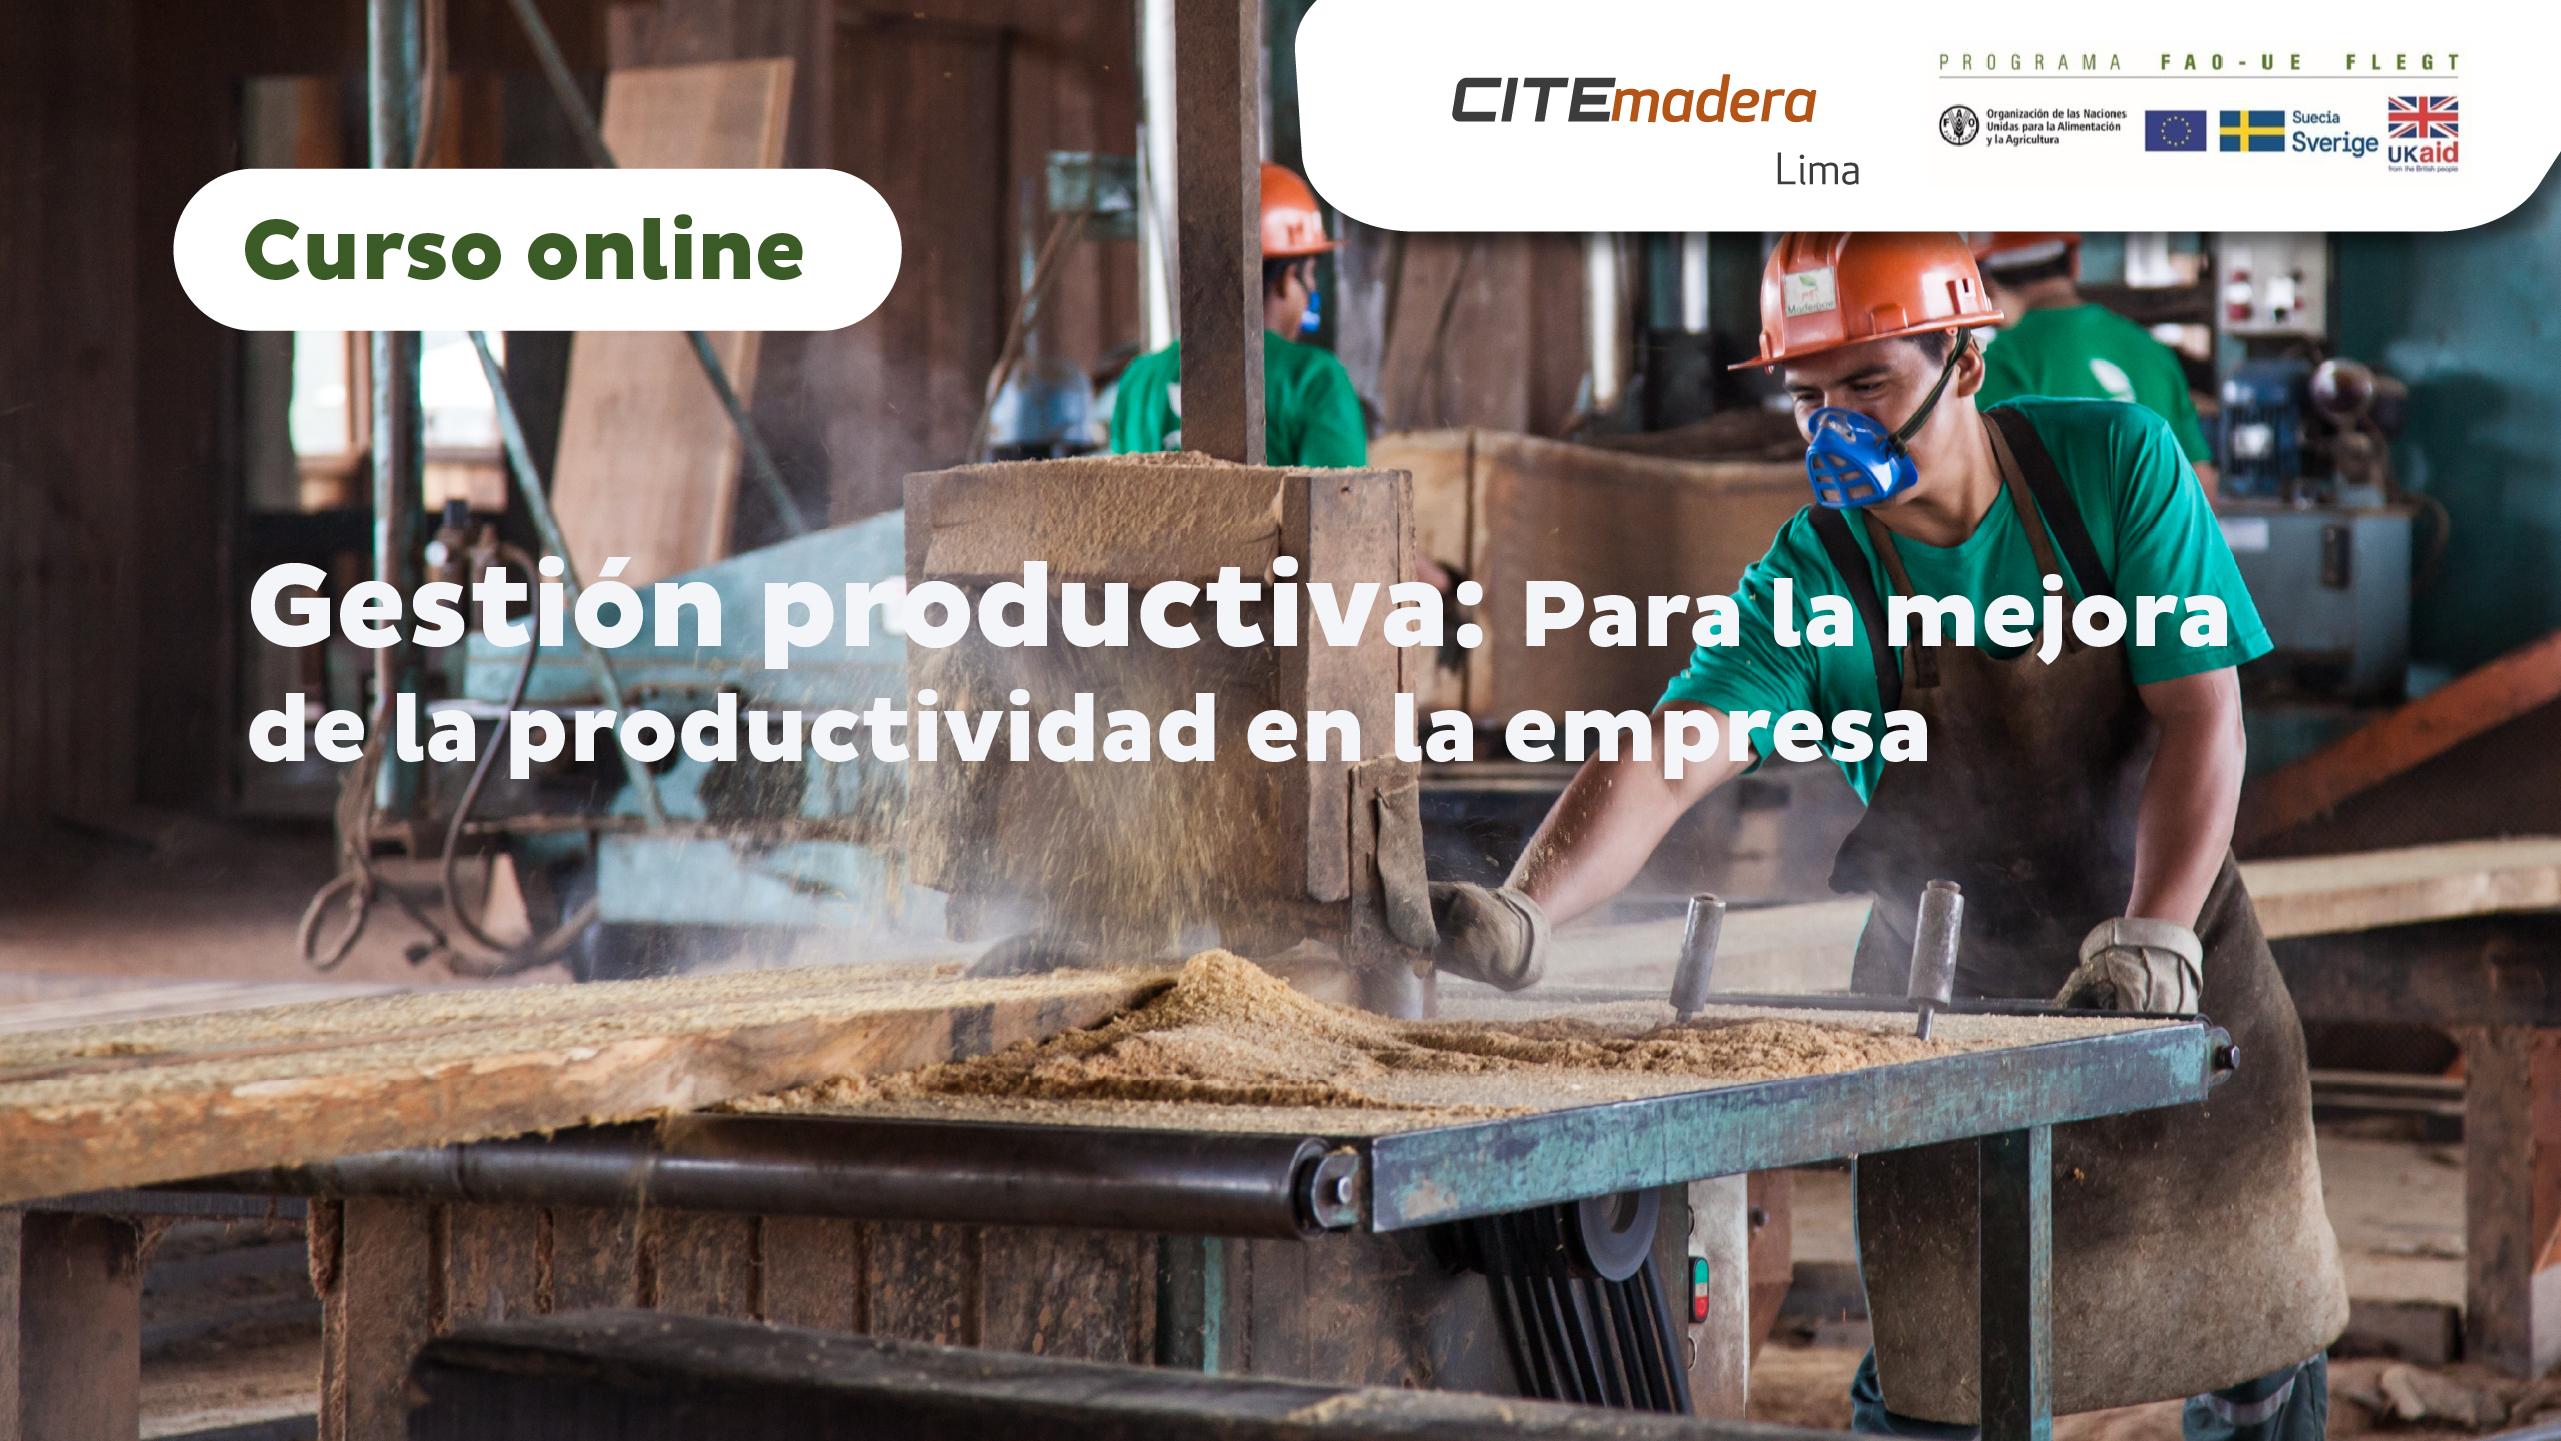 Gestión productiva: Para la mejora de la productividad en la empresa